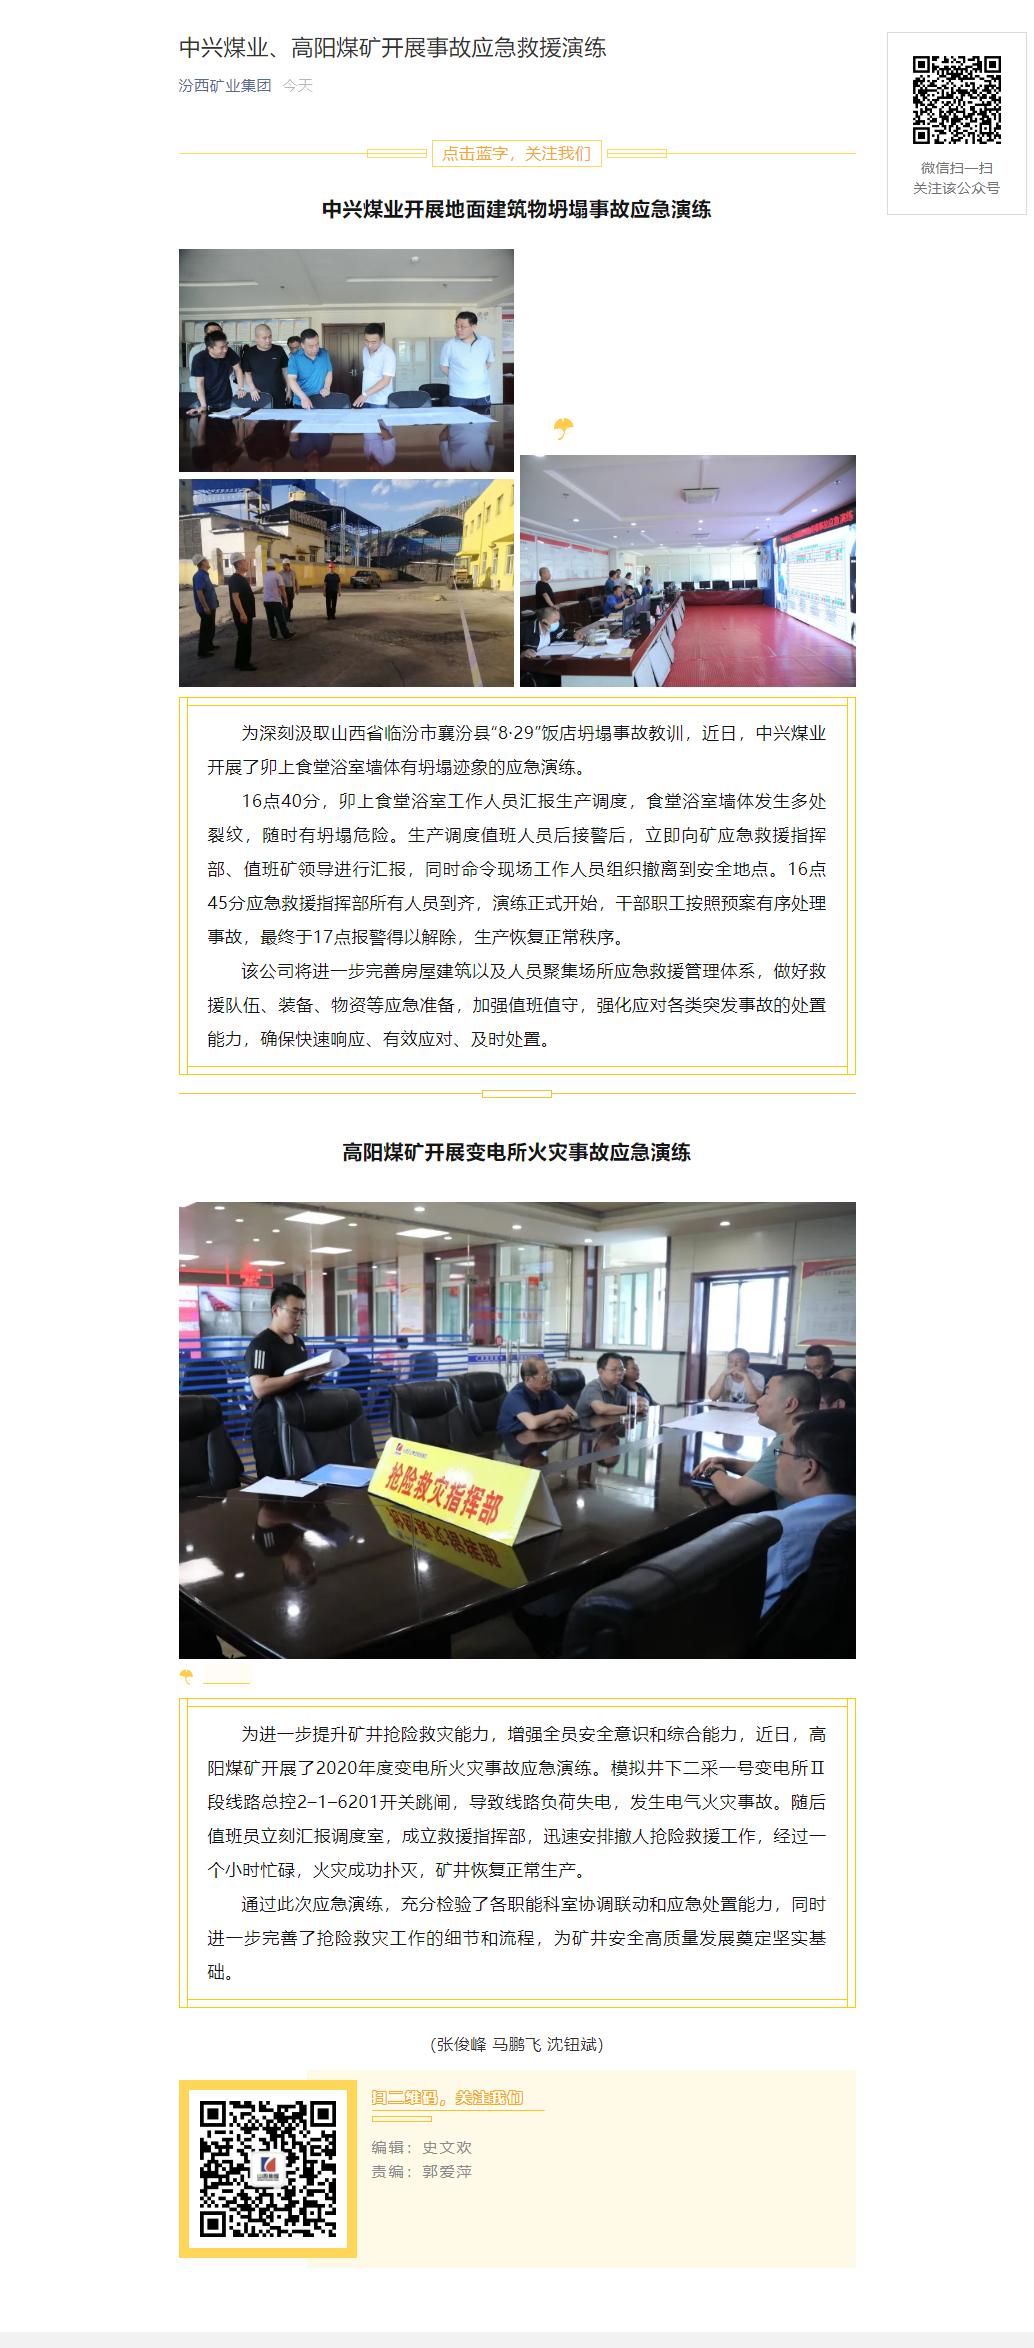 中兴煤业、高阳煤矿开展事故应急救援演练.png